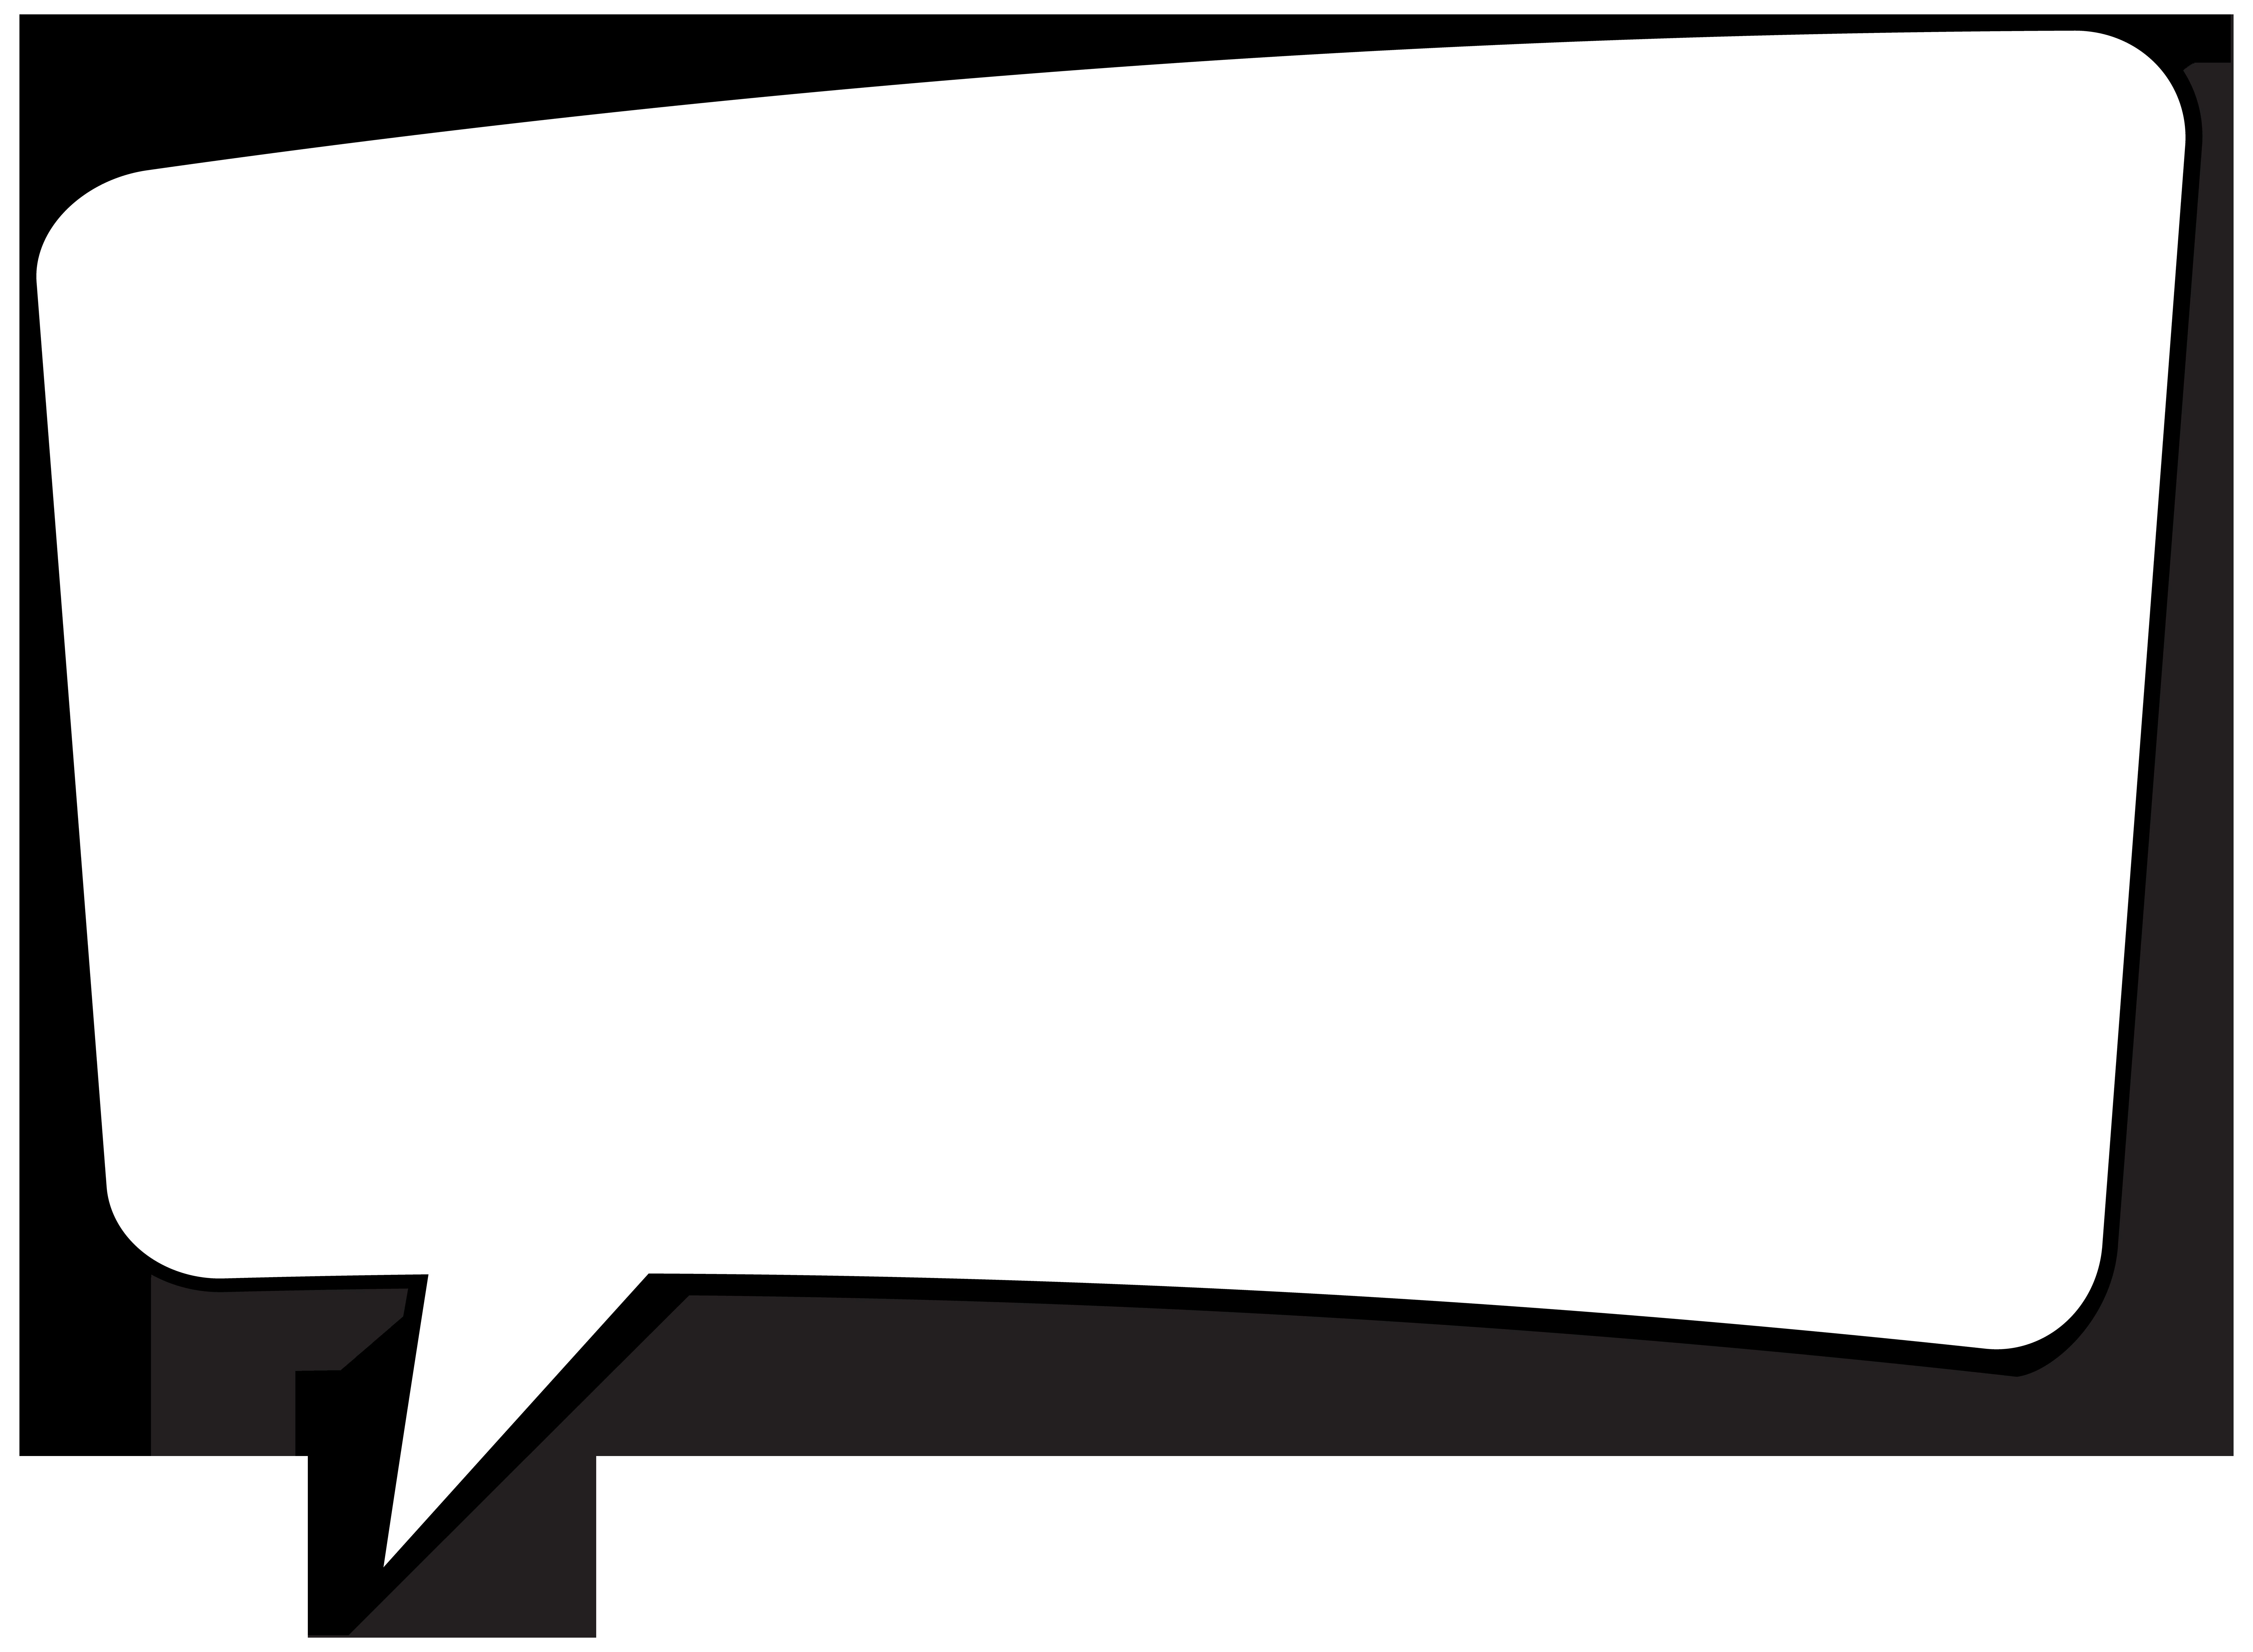 Slika okvira unutar kojeg se može nalaziti tekst